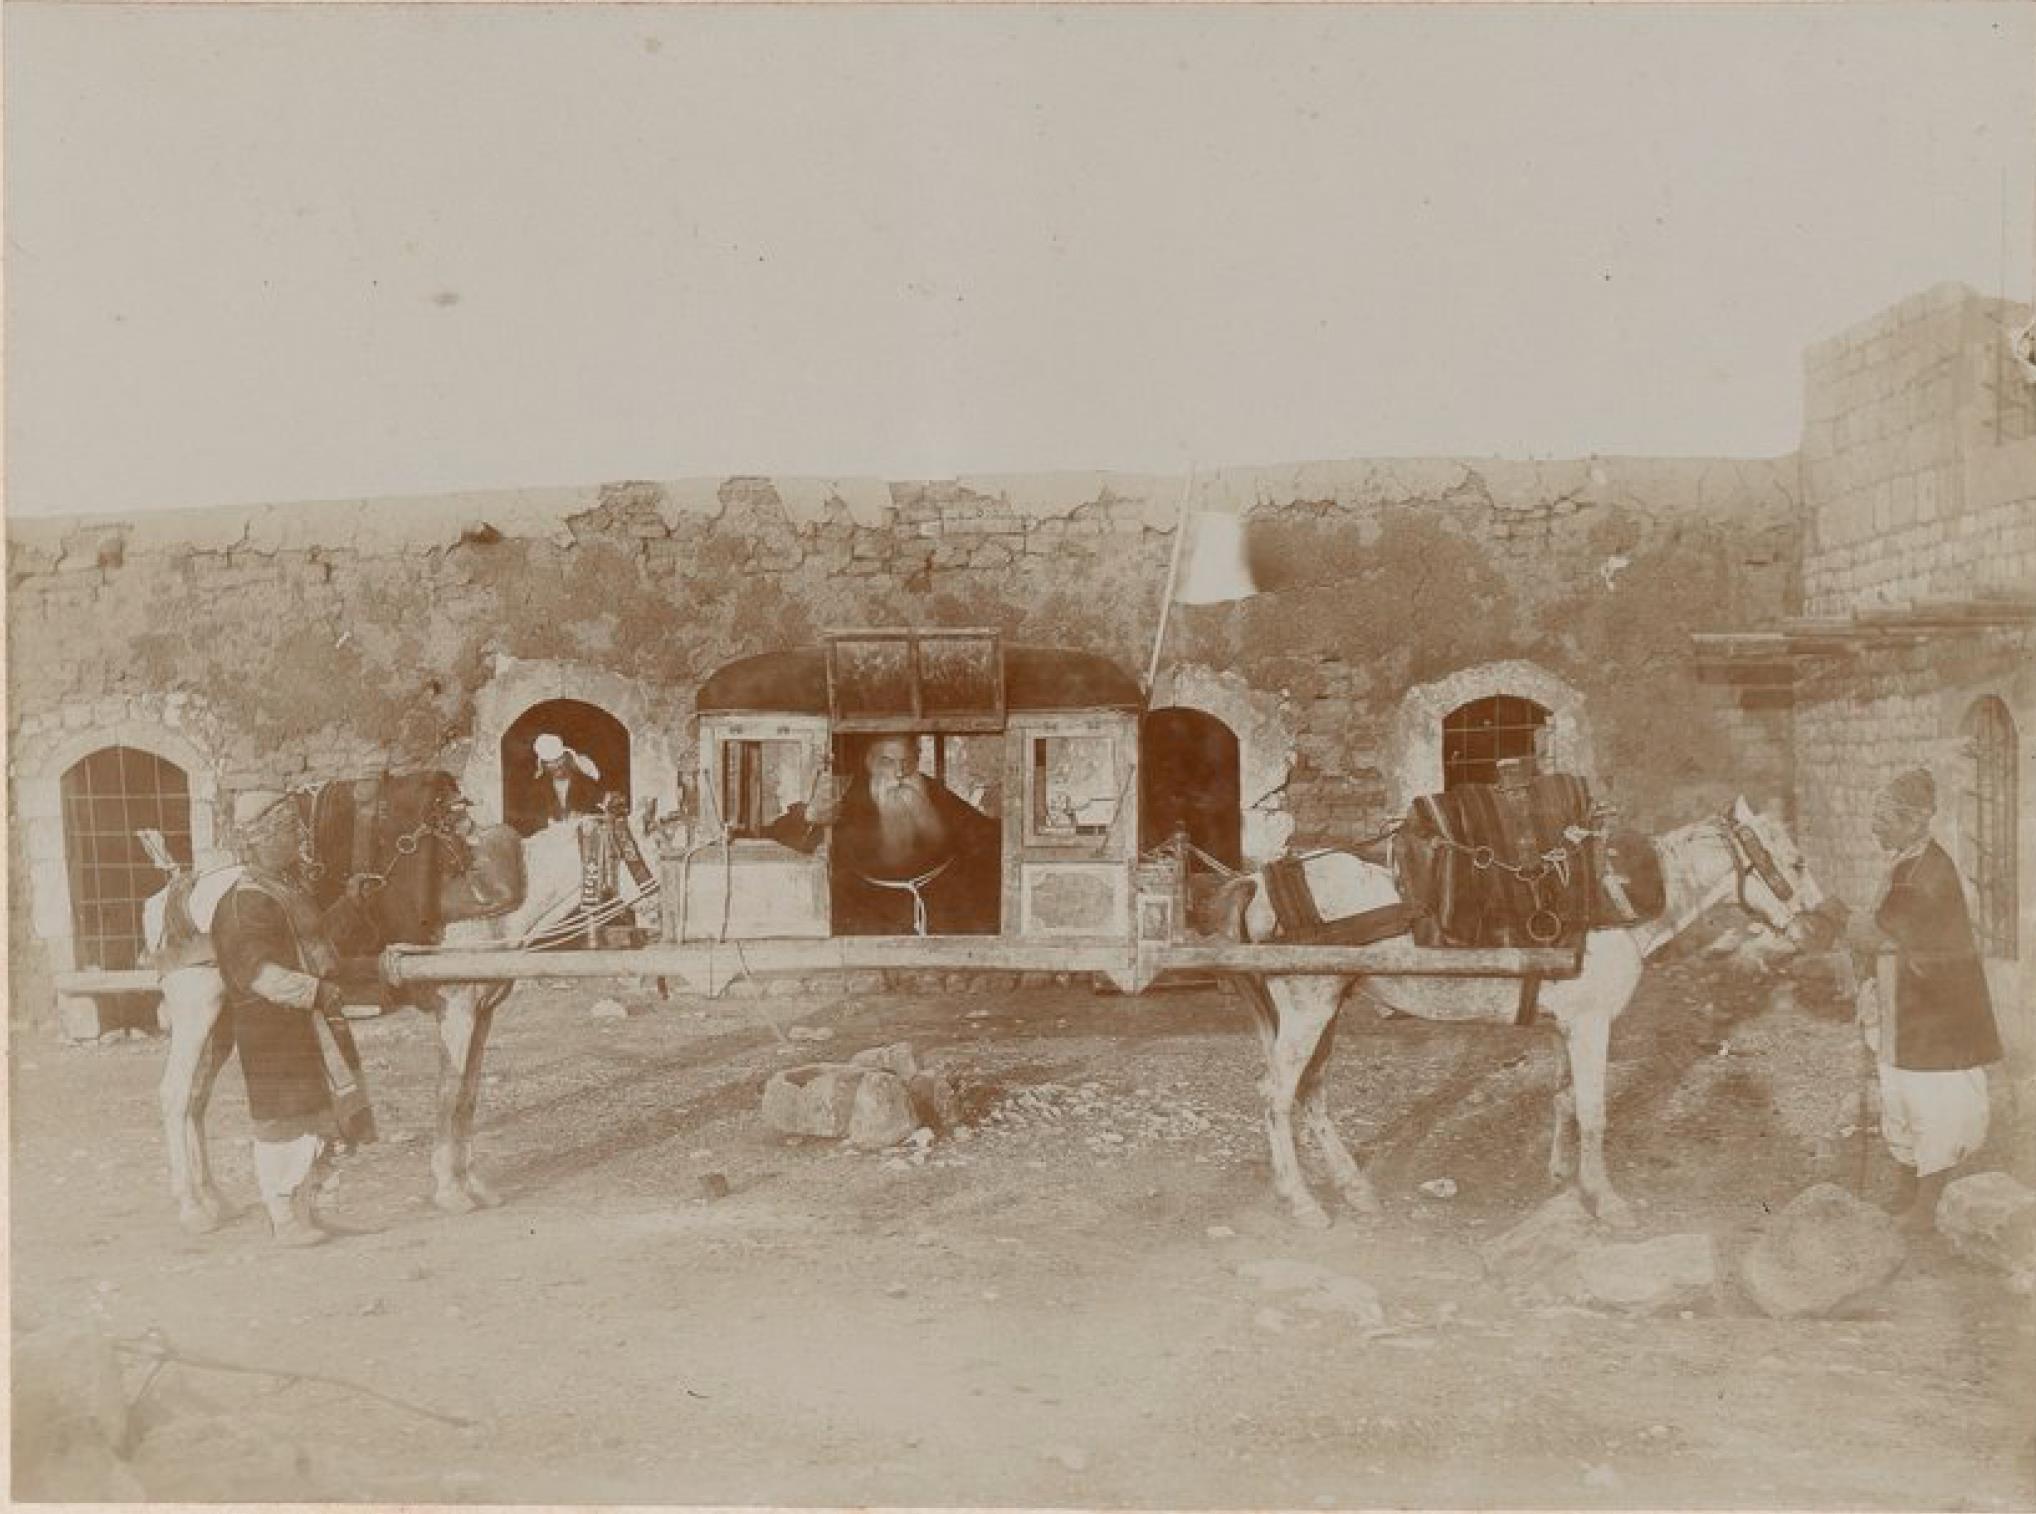 Тахтаруан, транспортное средство, используемое при поездках по Месопотамии